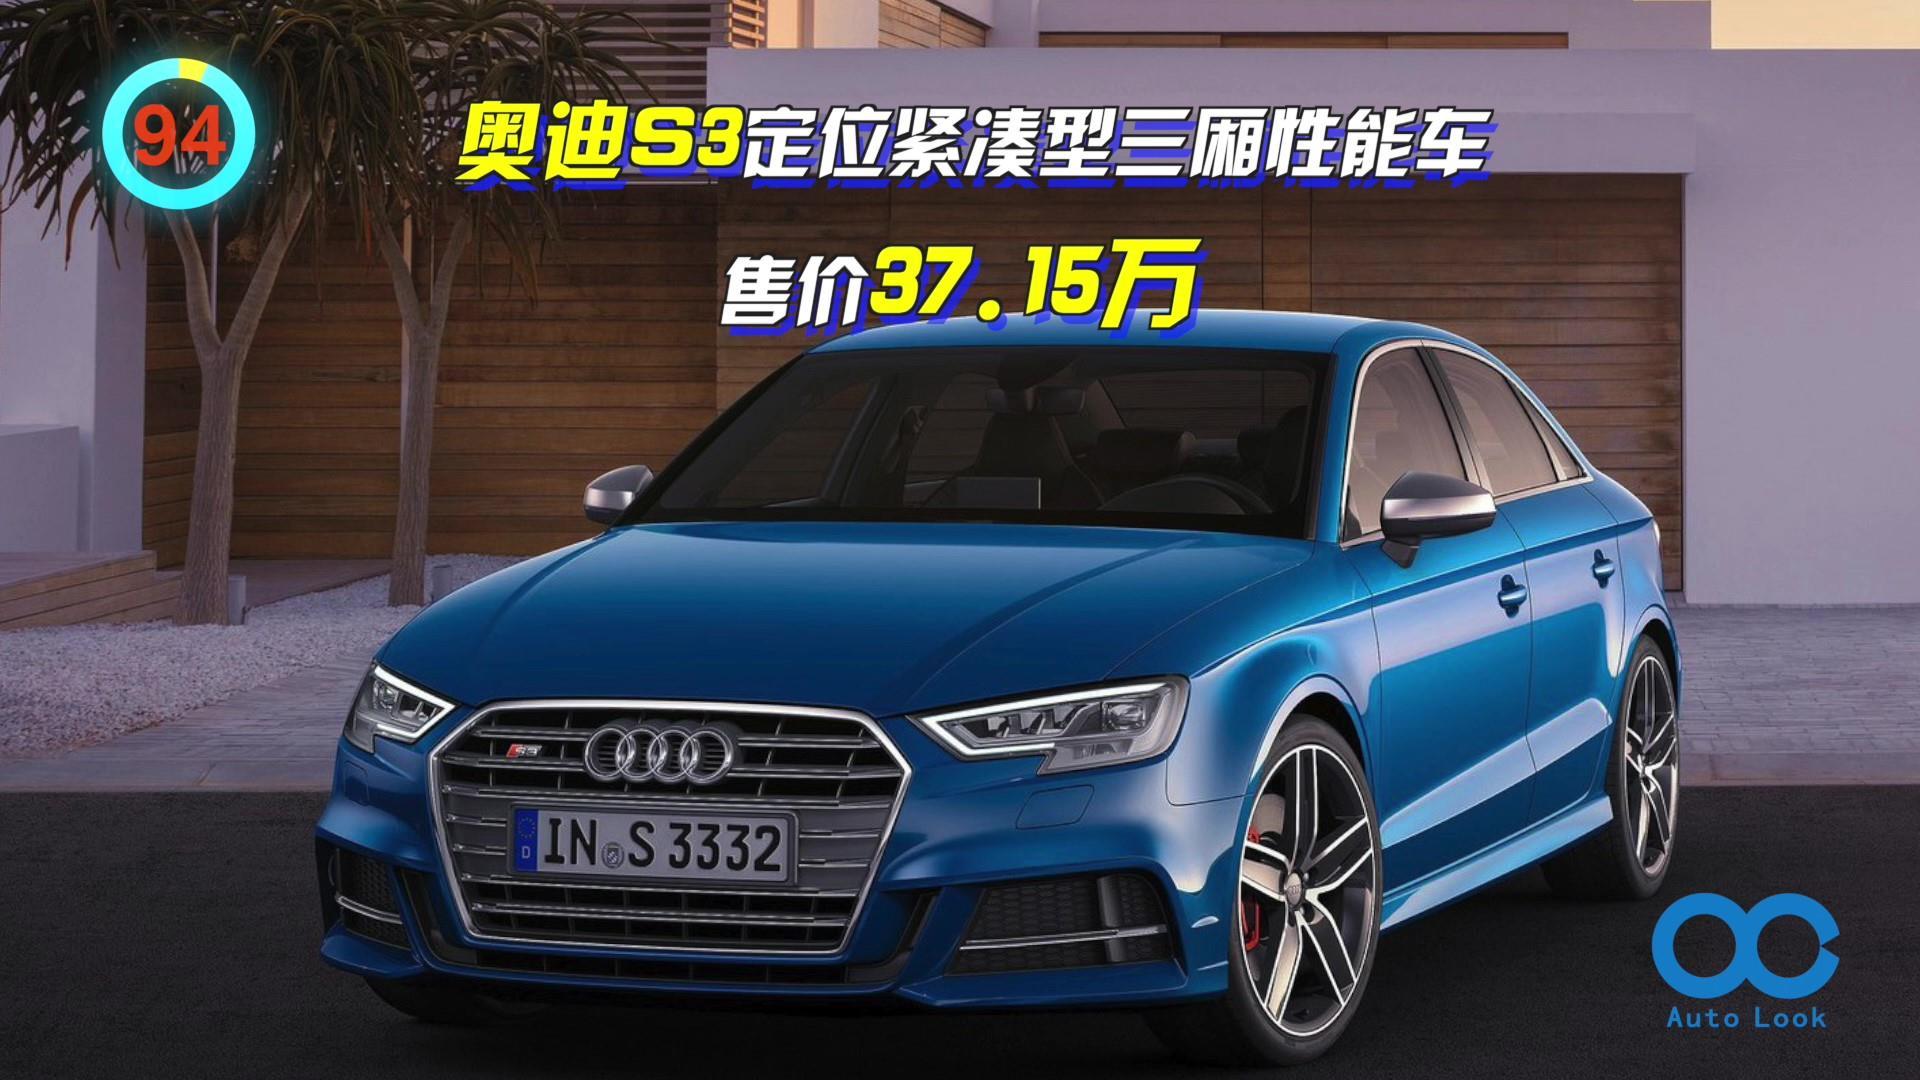 「百秒看车」奥迪S3 百米仅需5.4秒的高性价比小钢炮